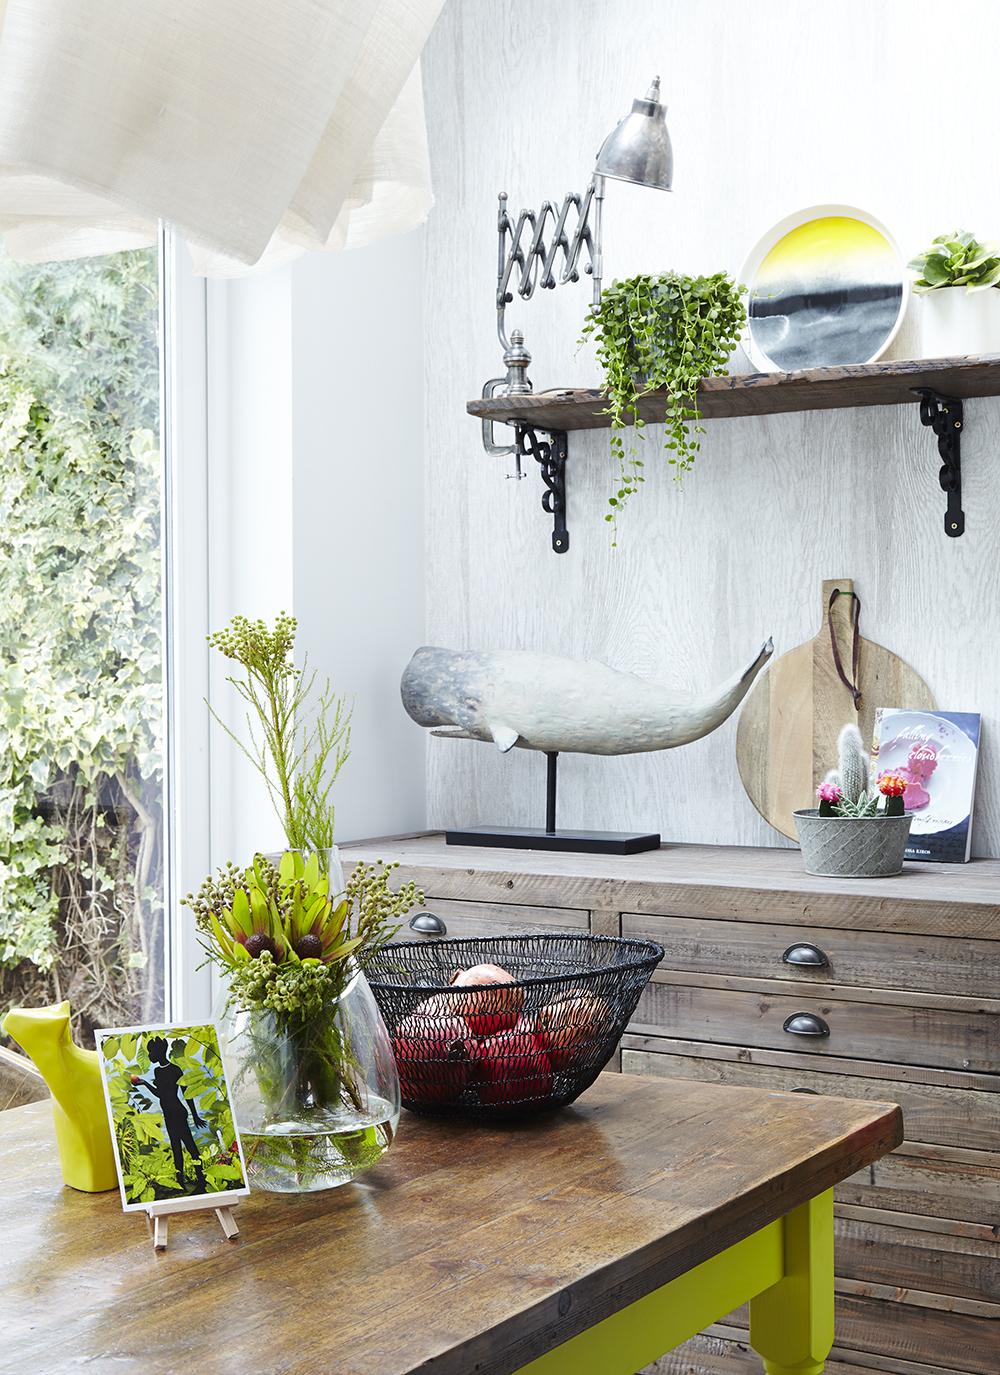 Cool kitchen interior design